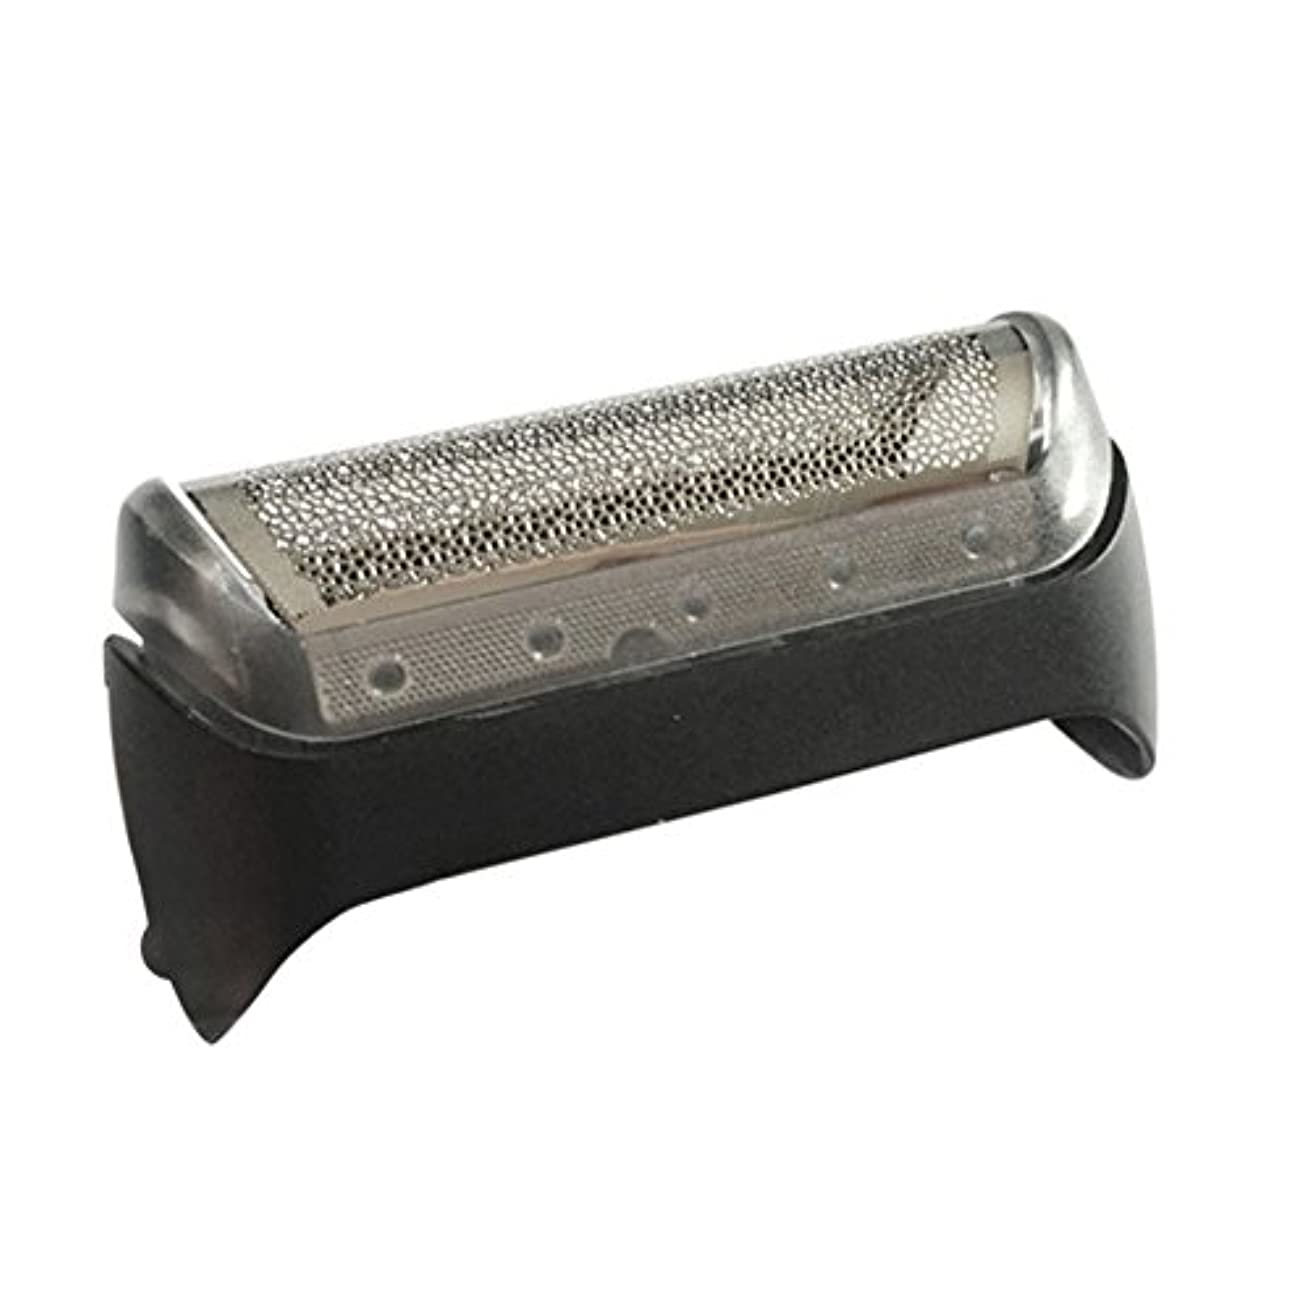 可愛い確認する部分的にXinvision 置換 男性用 シェーバー剃刀箔 10B 20B for Braun 170 180 190 190S 1775 1735 2675